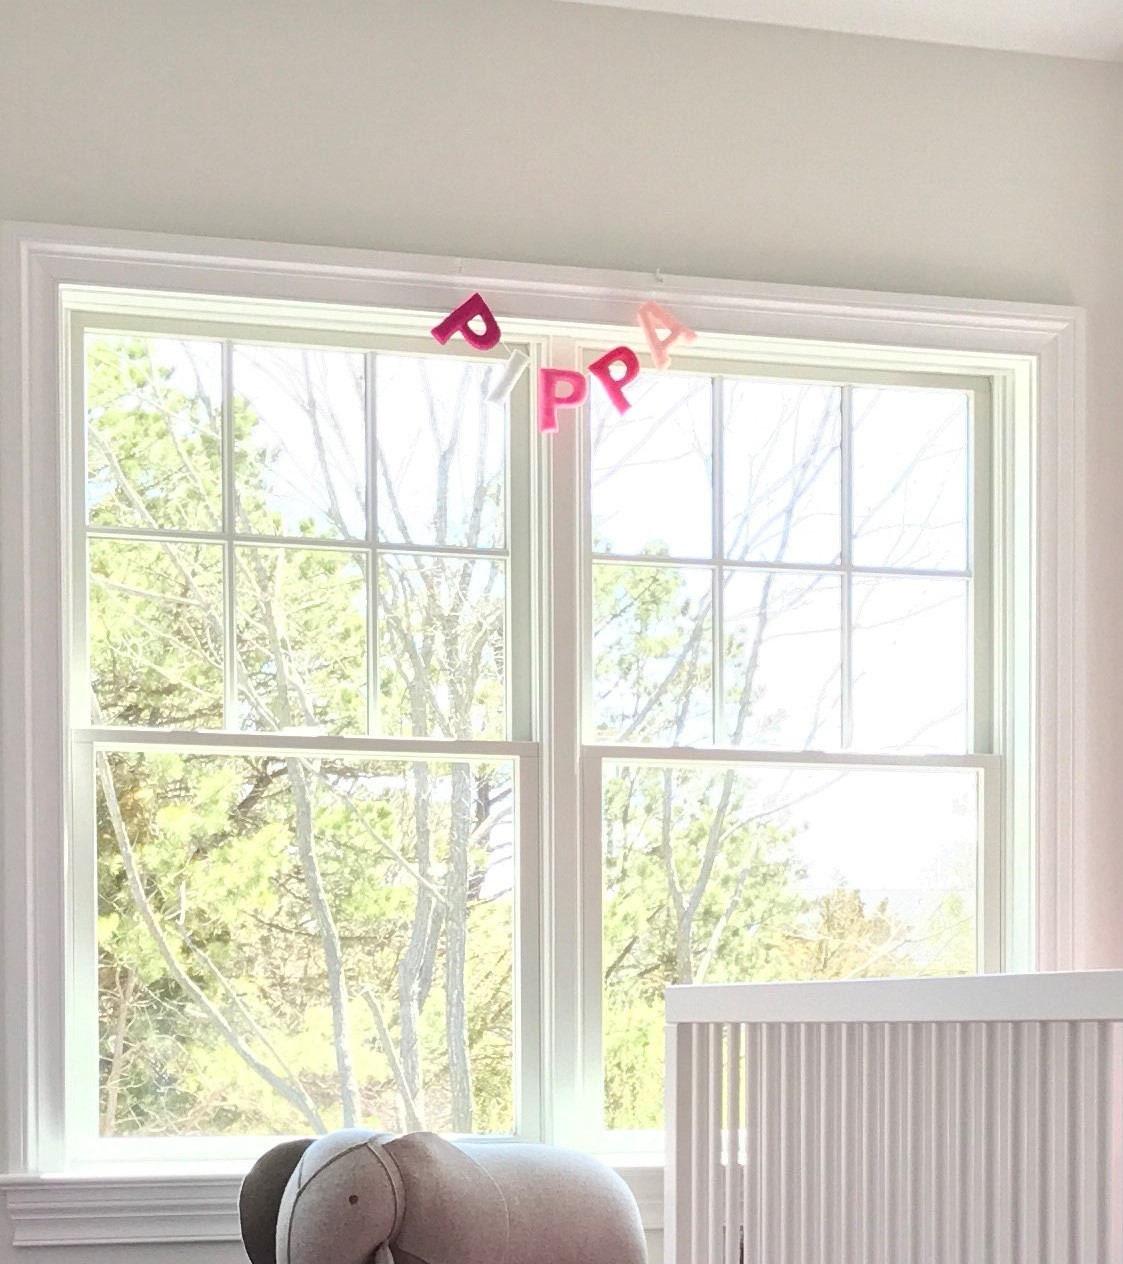 personnalis lettres murales chambre denfant plaque de. Black Bedroom Furniture Sets. Home Design Ideas